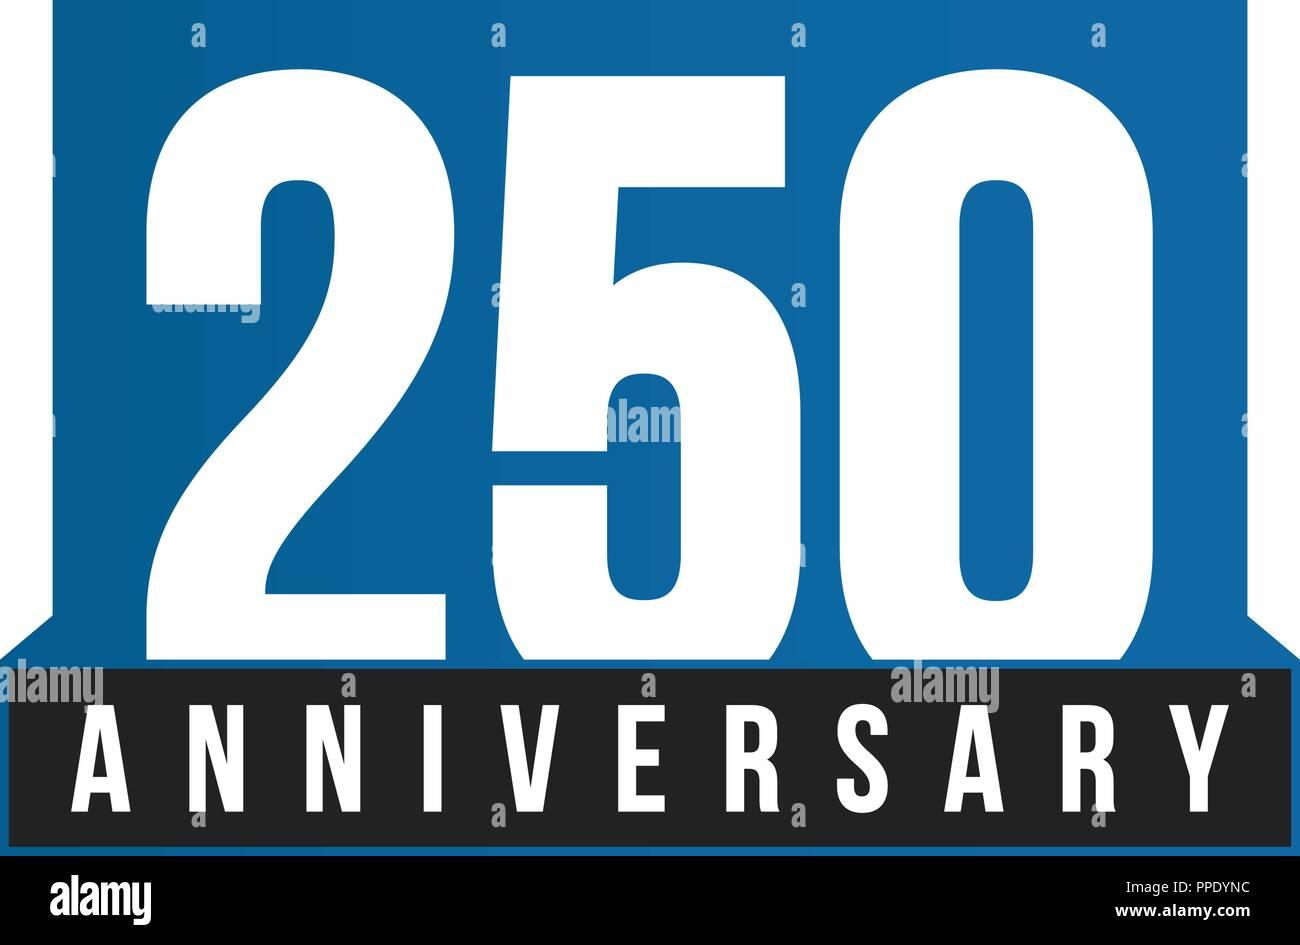 250jähriges Jubiläum Vektor icon. Geburtstag logo Vorlage. Grußkarte design Element. Einfache Firmenjubiläum Emblem. Blau strengen Stil. Isolierte Vector Illustration auf weißem Hintergrund. Stockbild